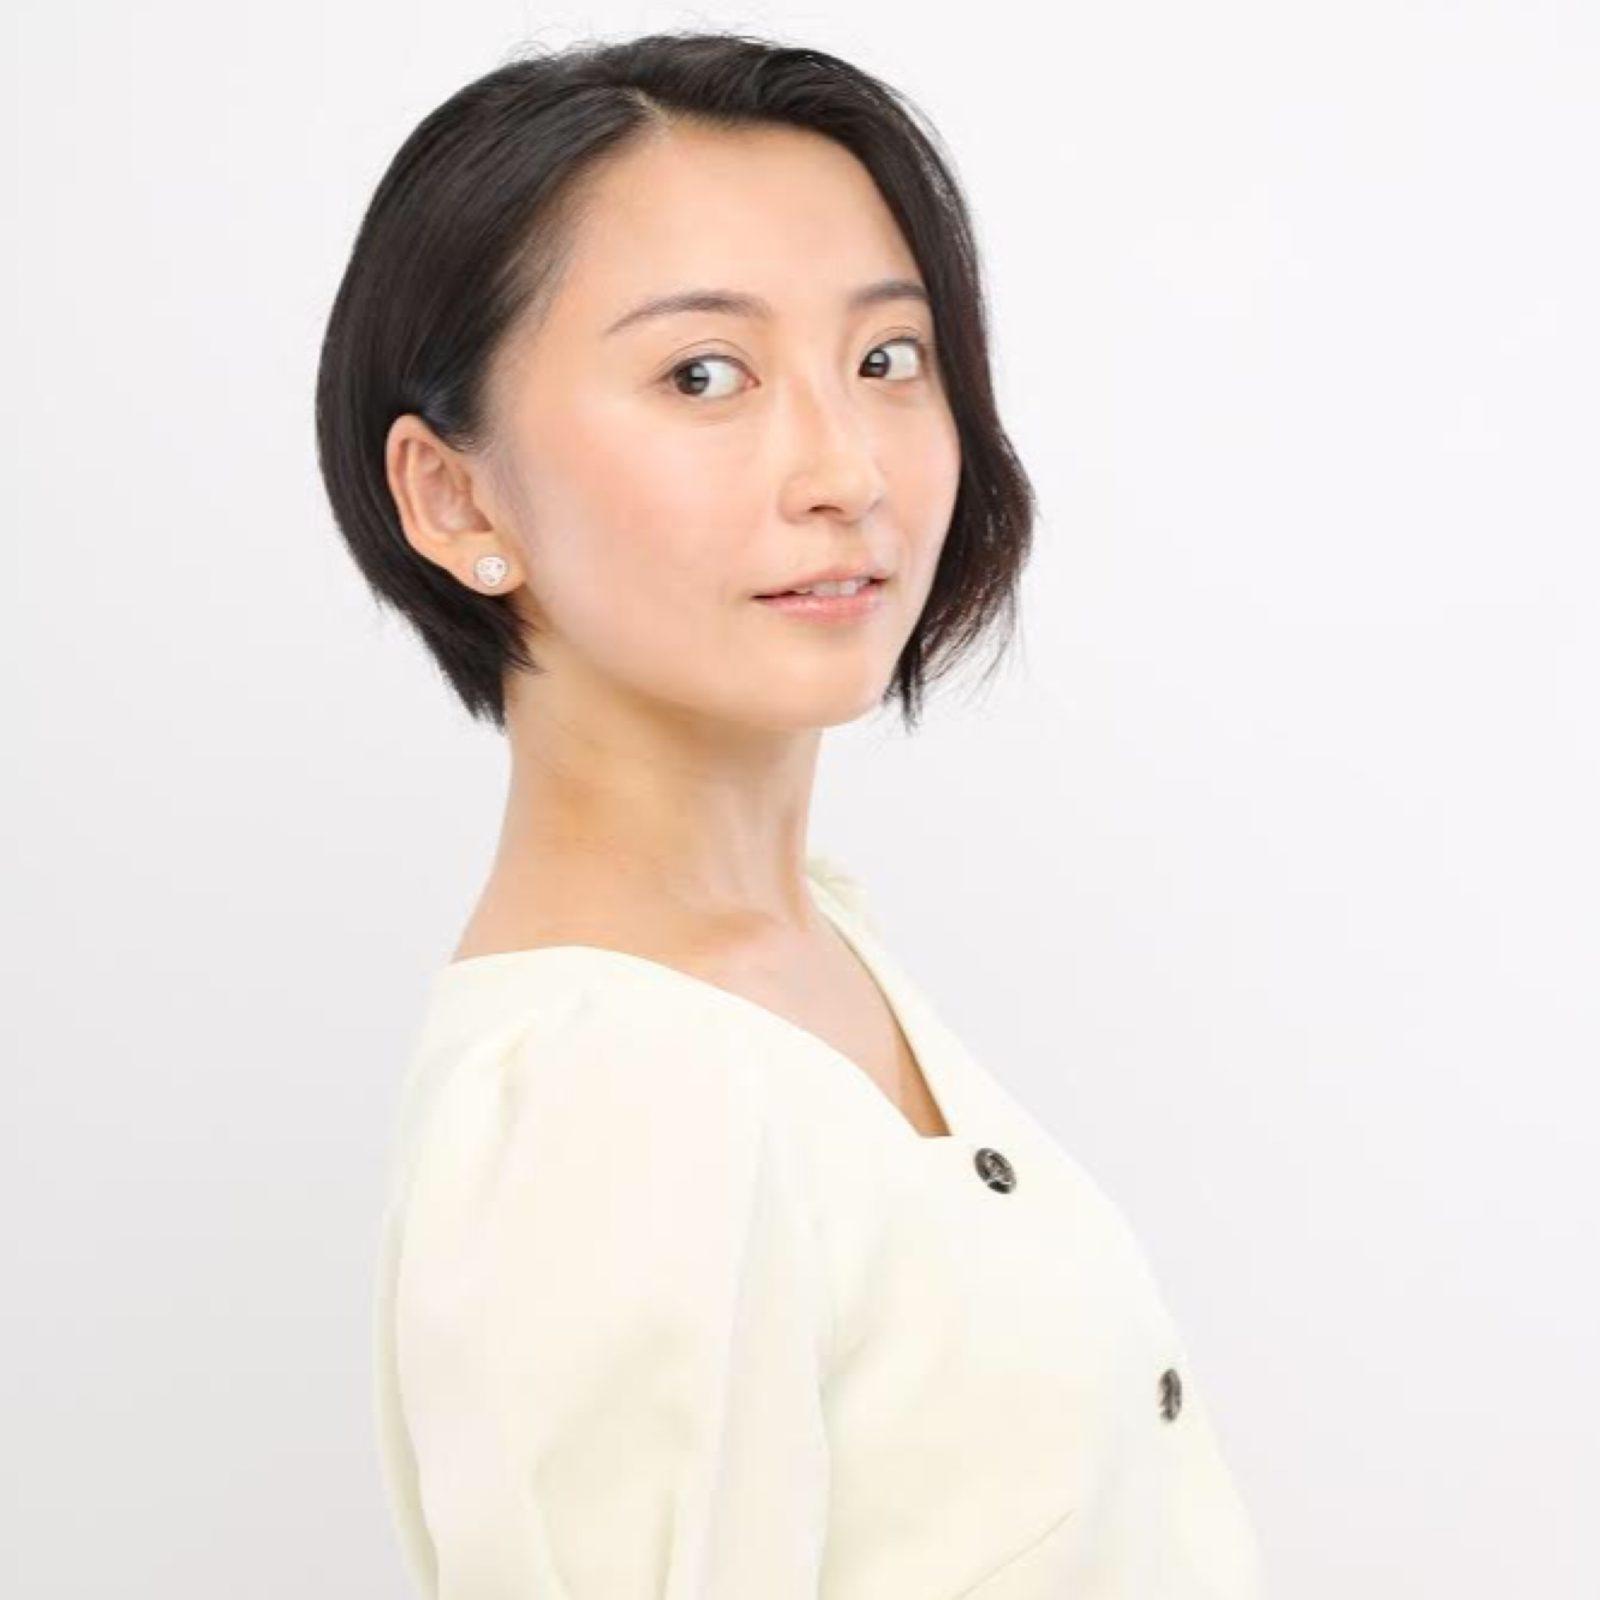 松島史奈、「愛の花」が『Mieライブ』5月度のエンディングテーマ曲に決定